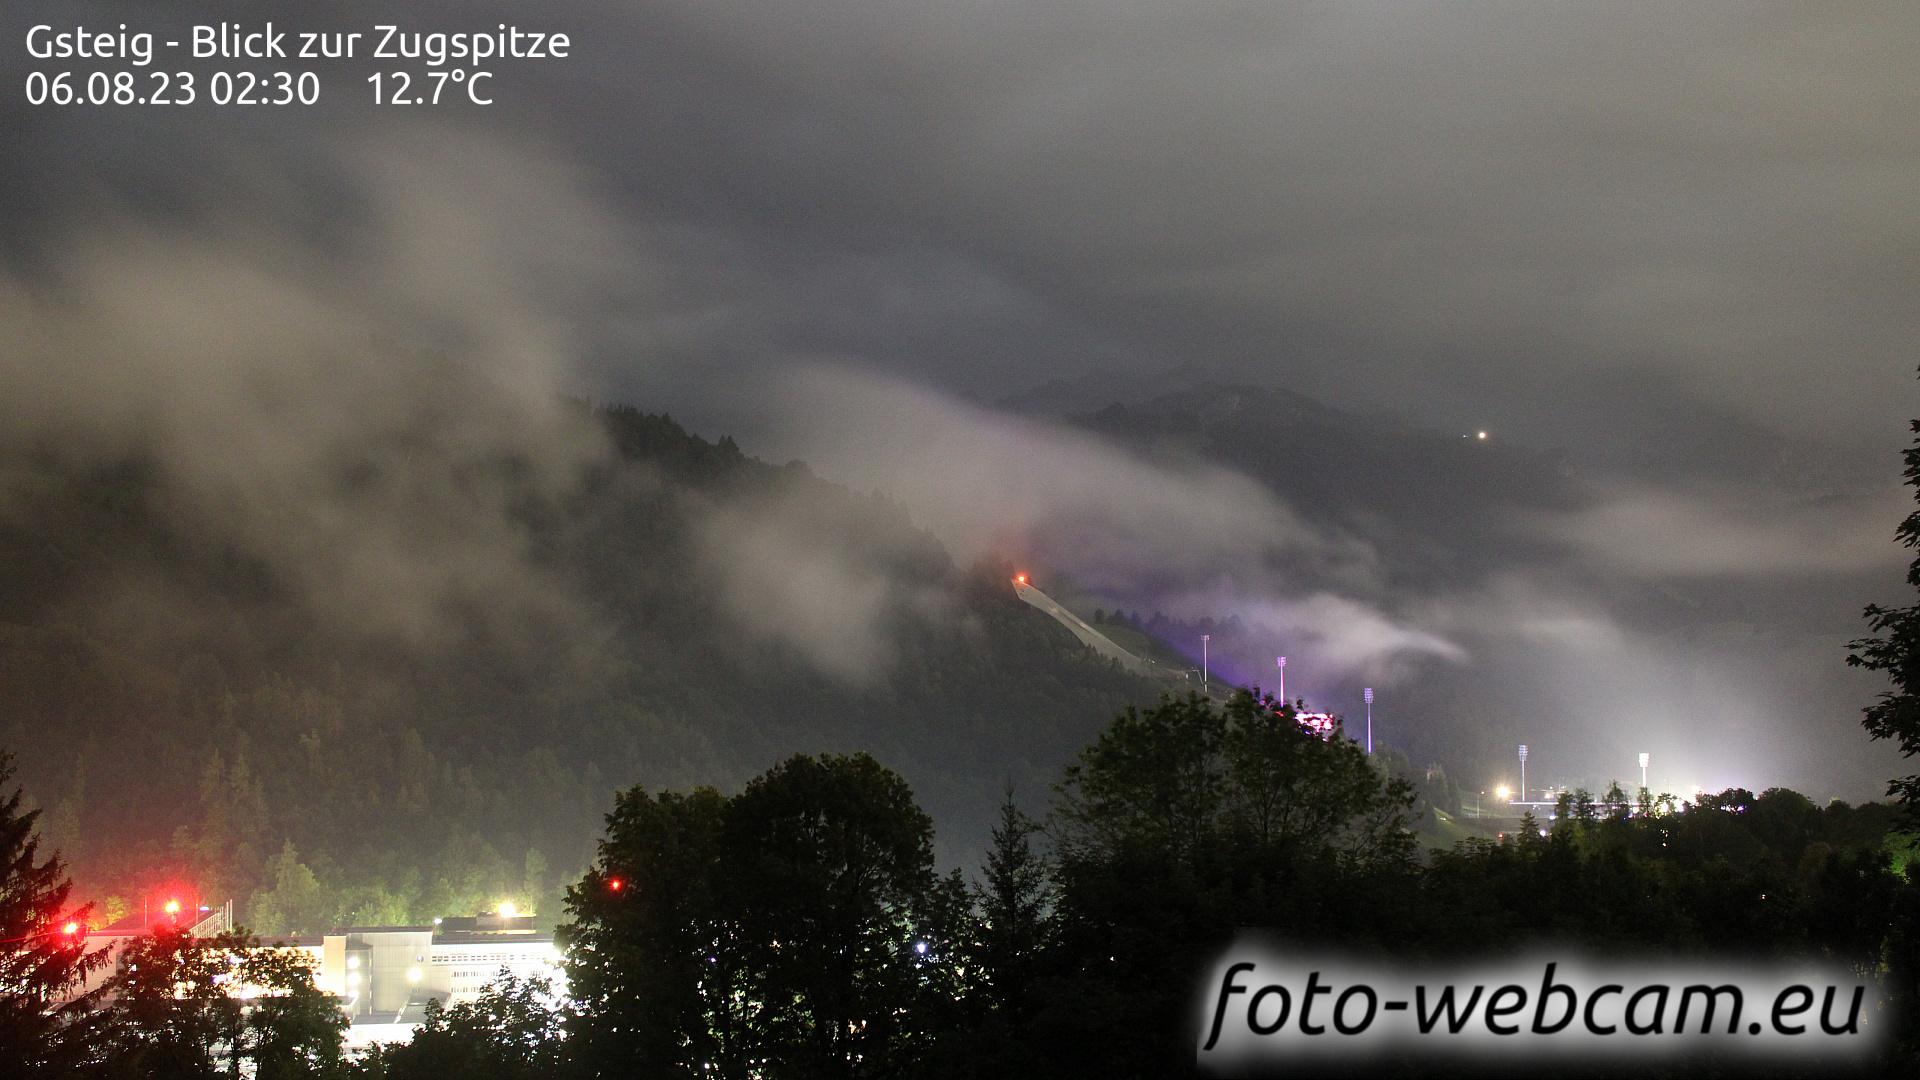 Garmisch-Partenkirchen Thu. 02:31